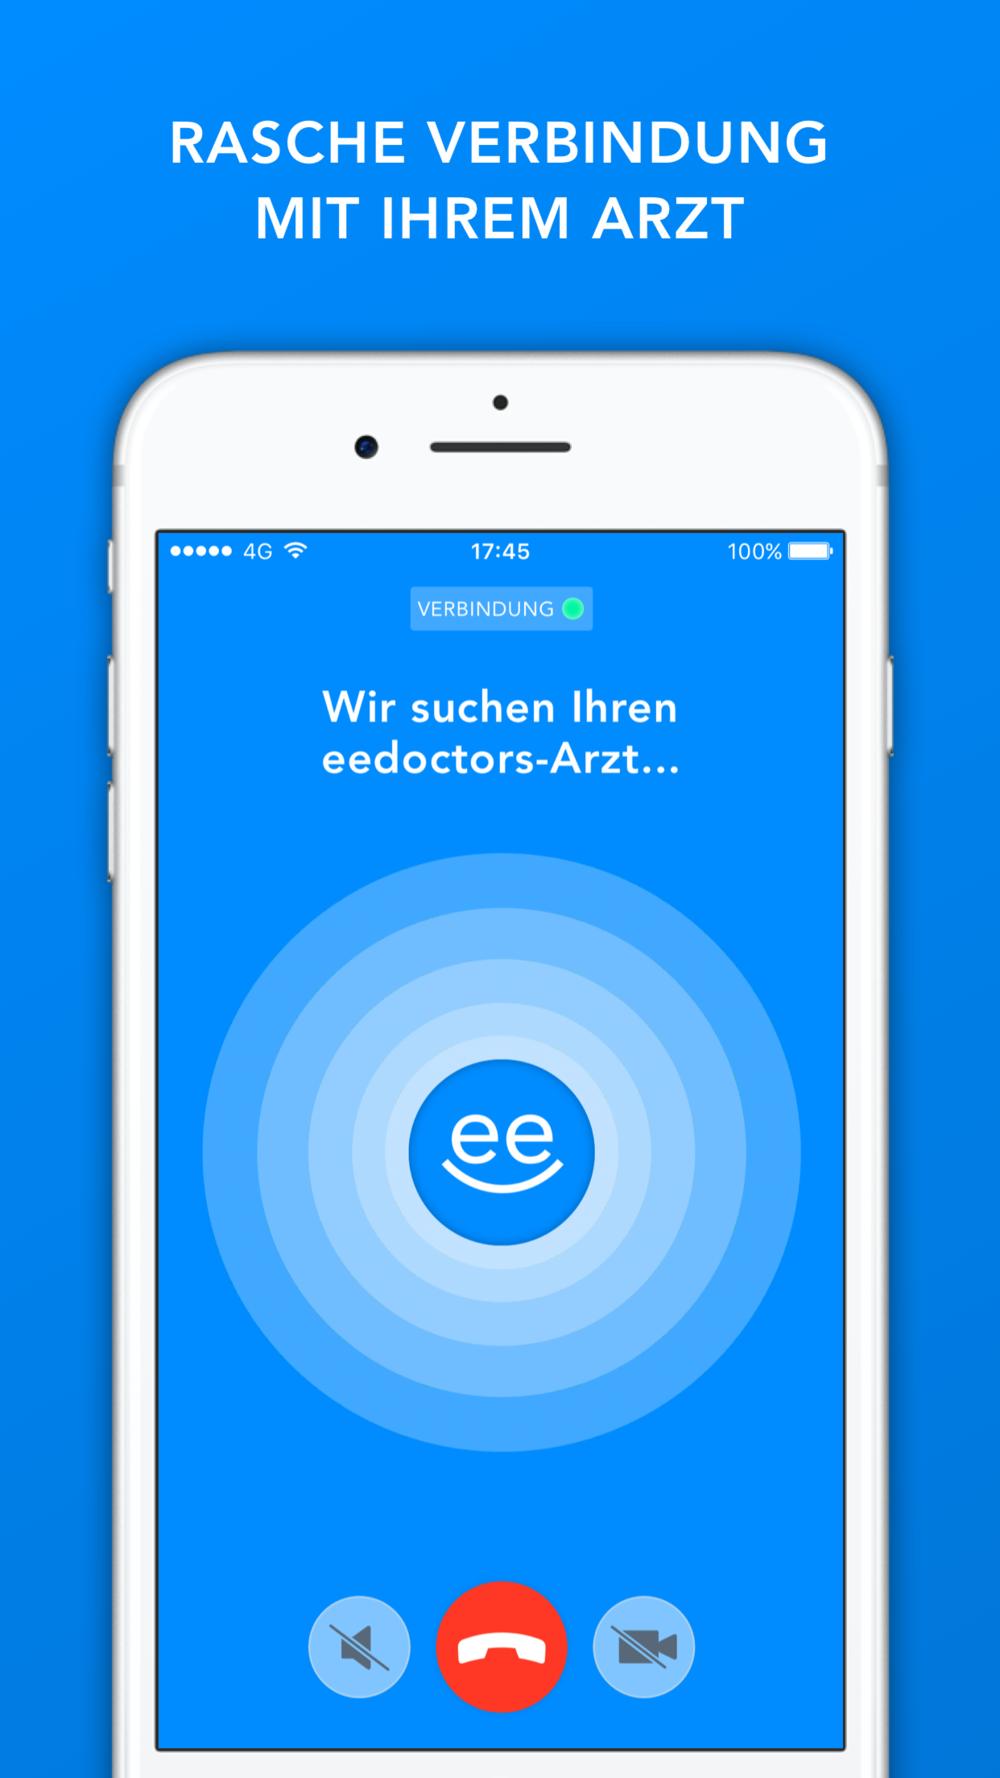 eedoctors App Rufaufbau Bildschirm Design by Apps with love